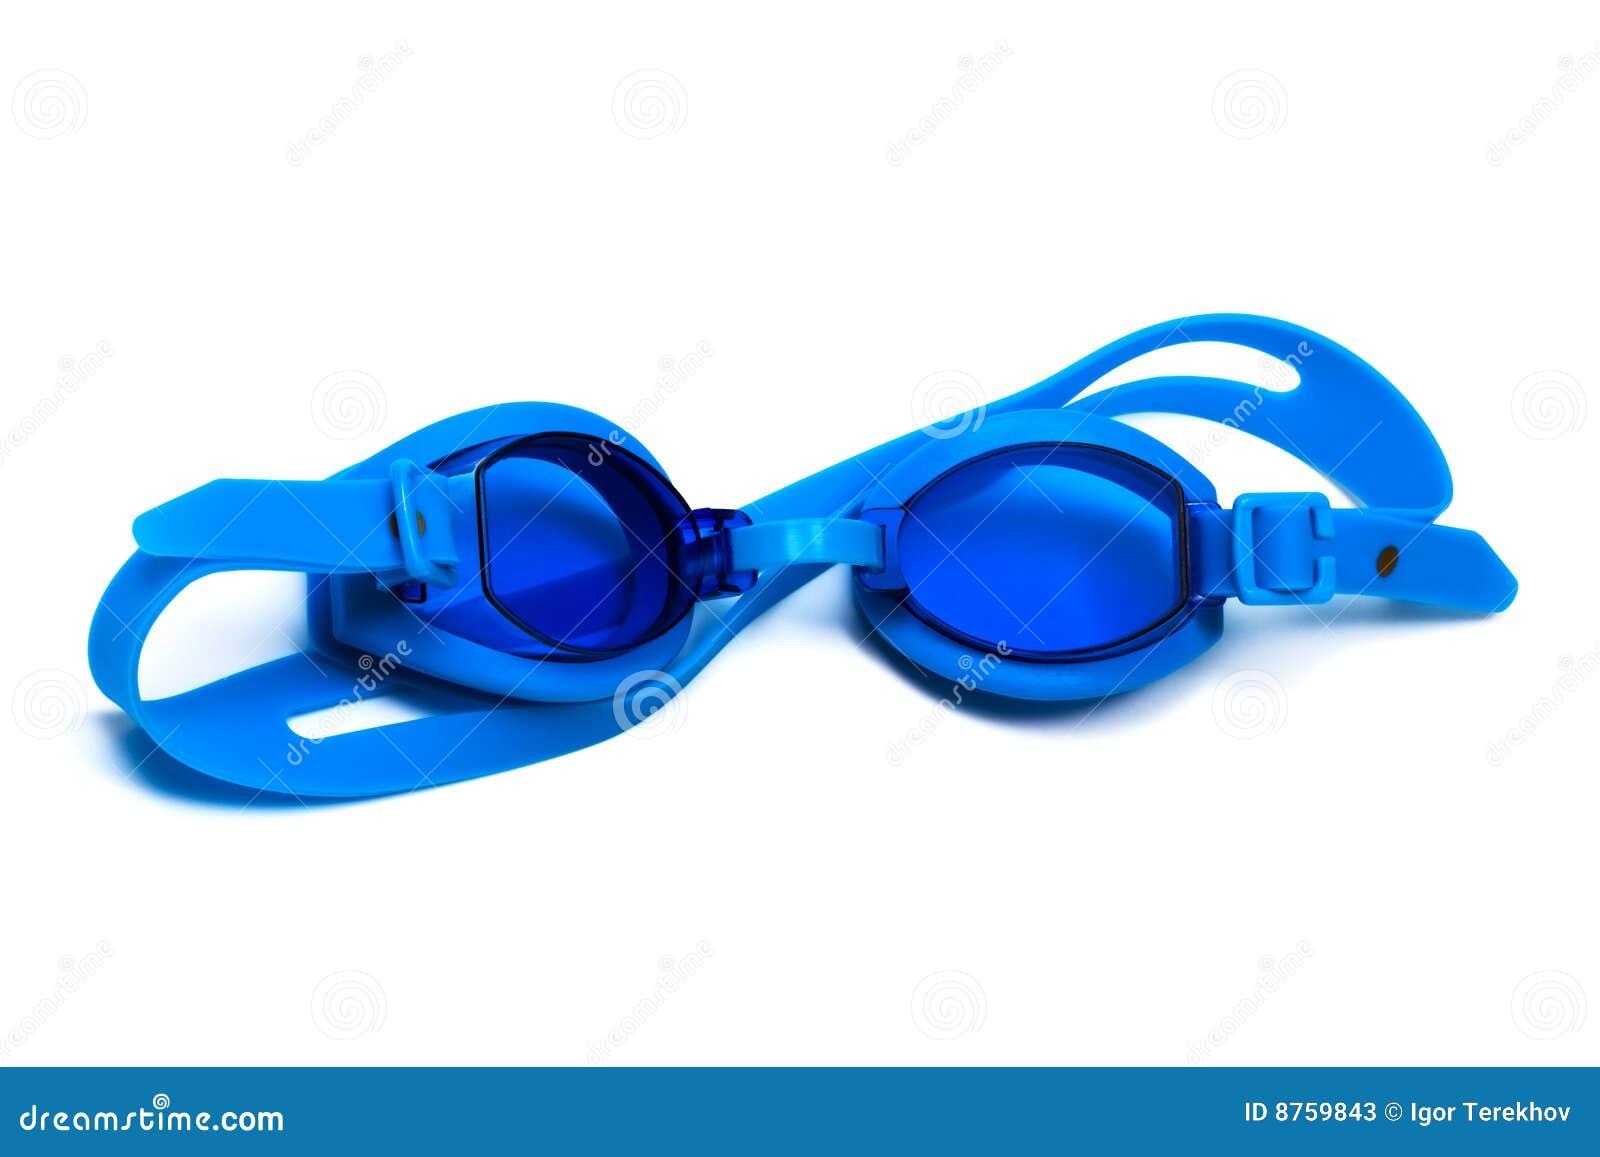 Occhiali di protezione per nuoto